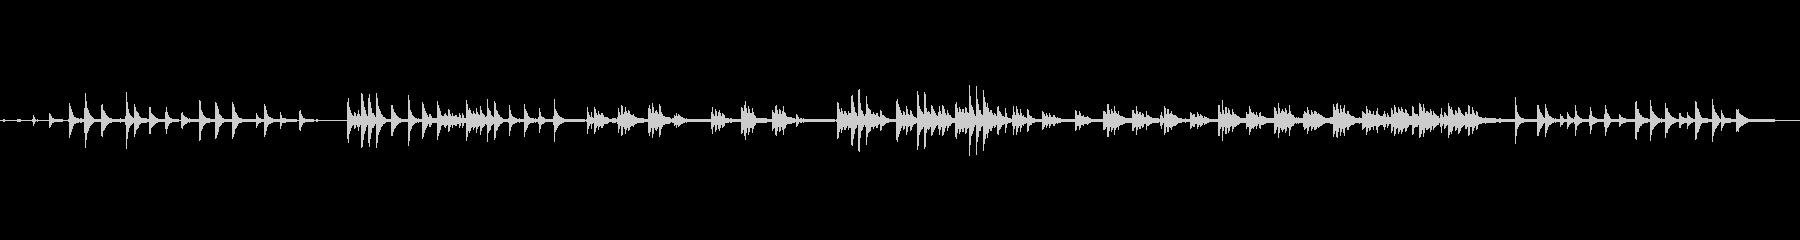 VLOG/BGMあたたかく優しい生ピアノの未再生の波形